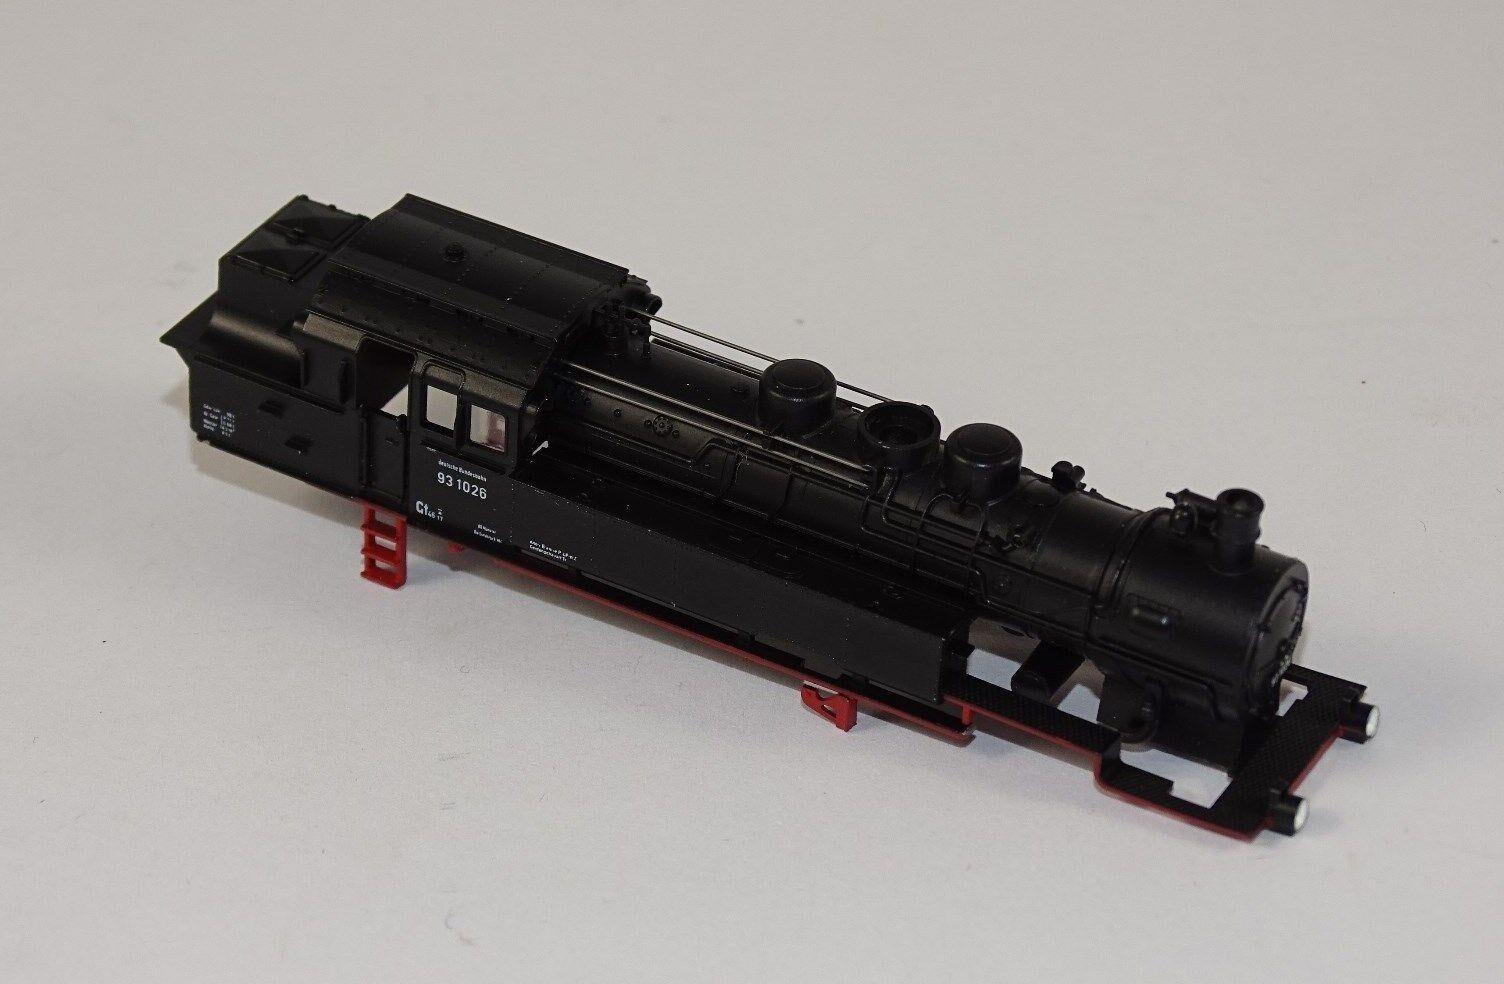 Arnold 2291-001 chassis stampati per stampati stampati stampati BR 93 1026 DB nuovo pezzo di ricambio 5905f1